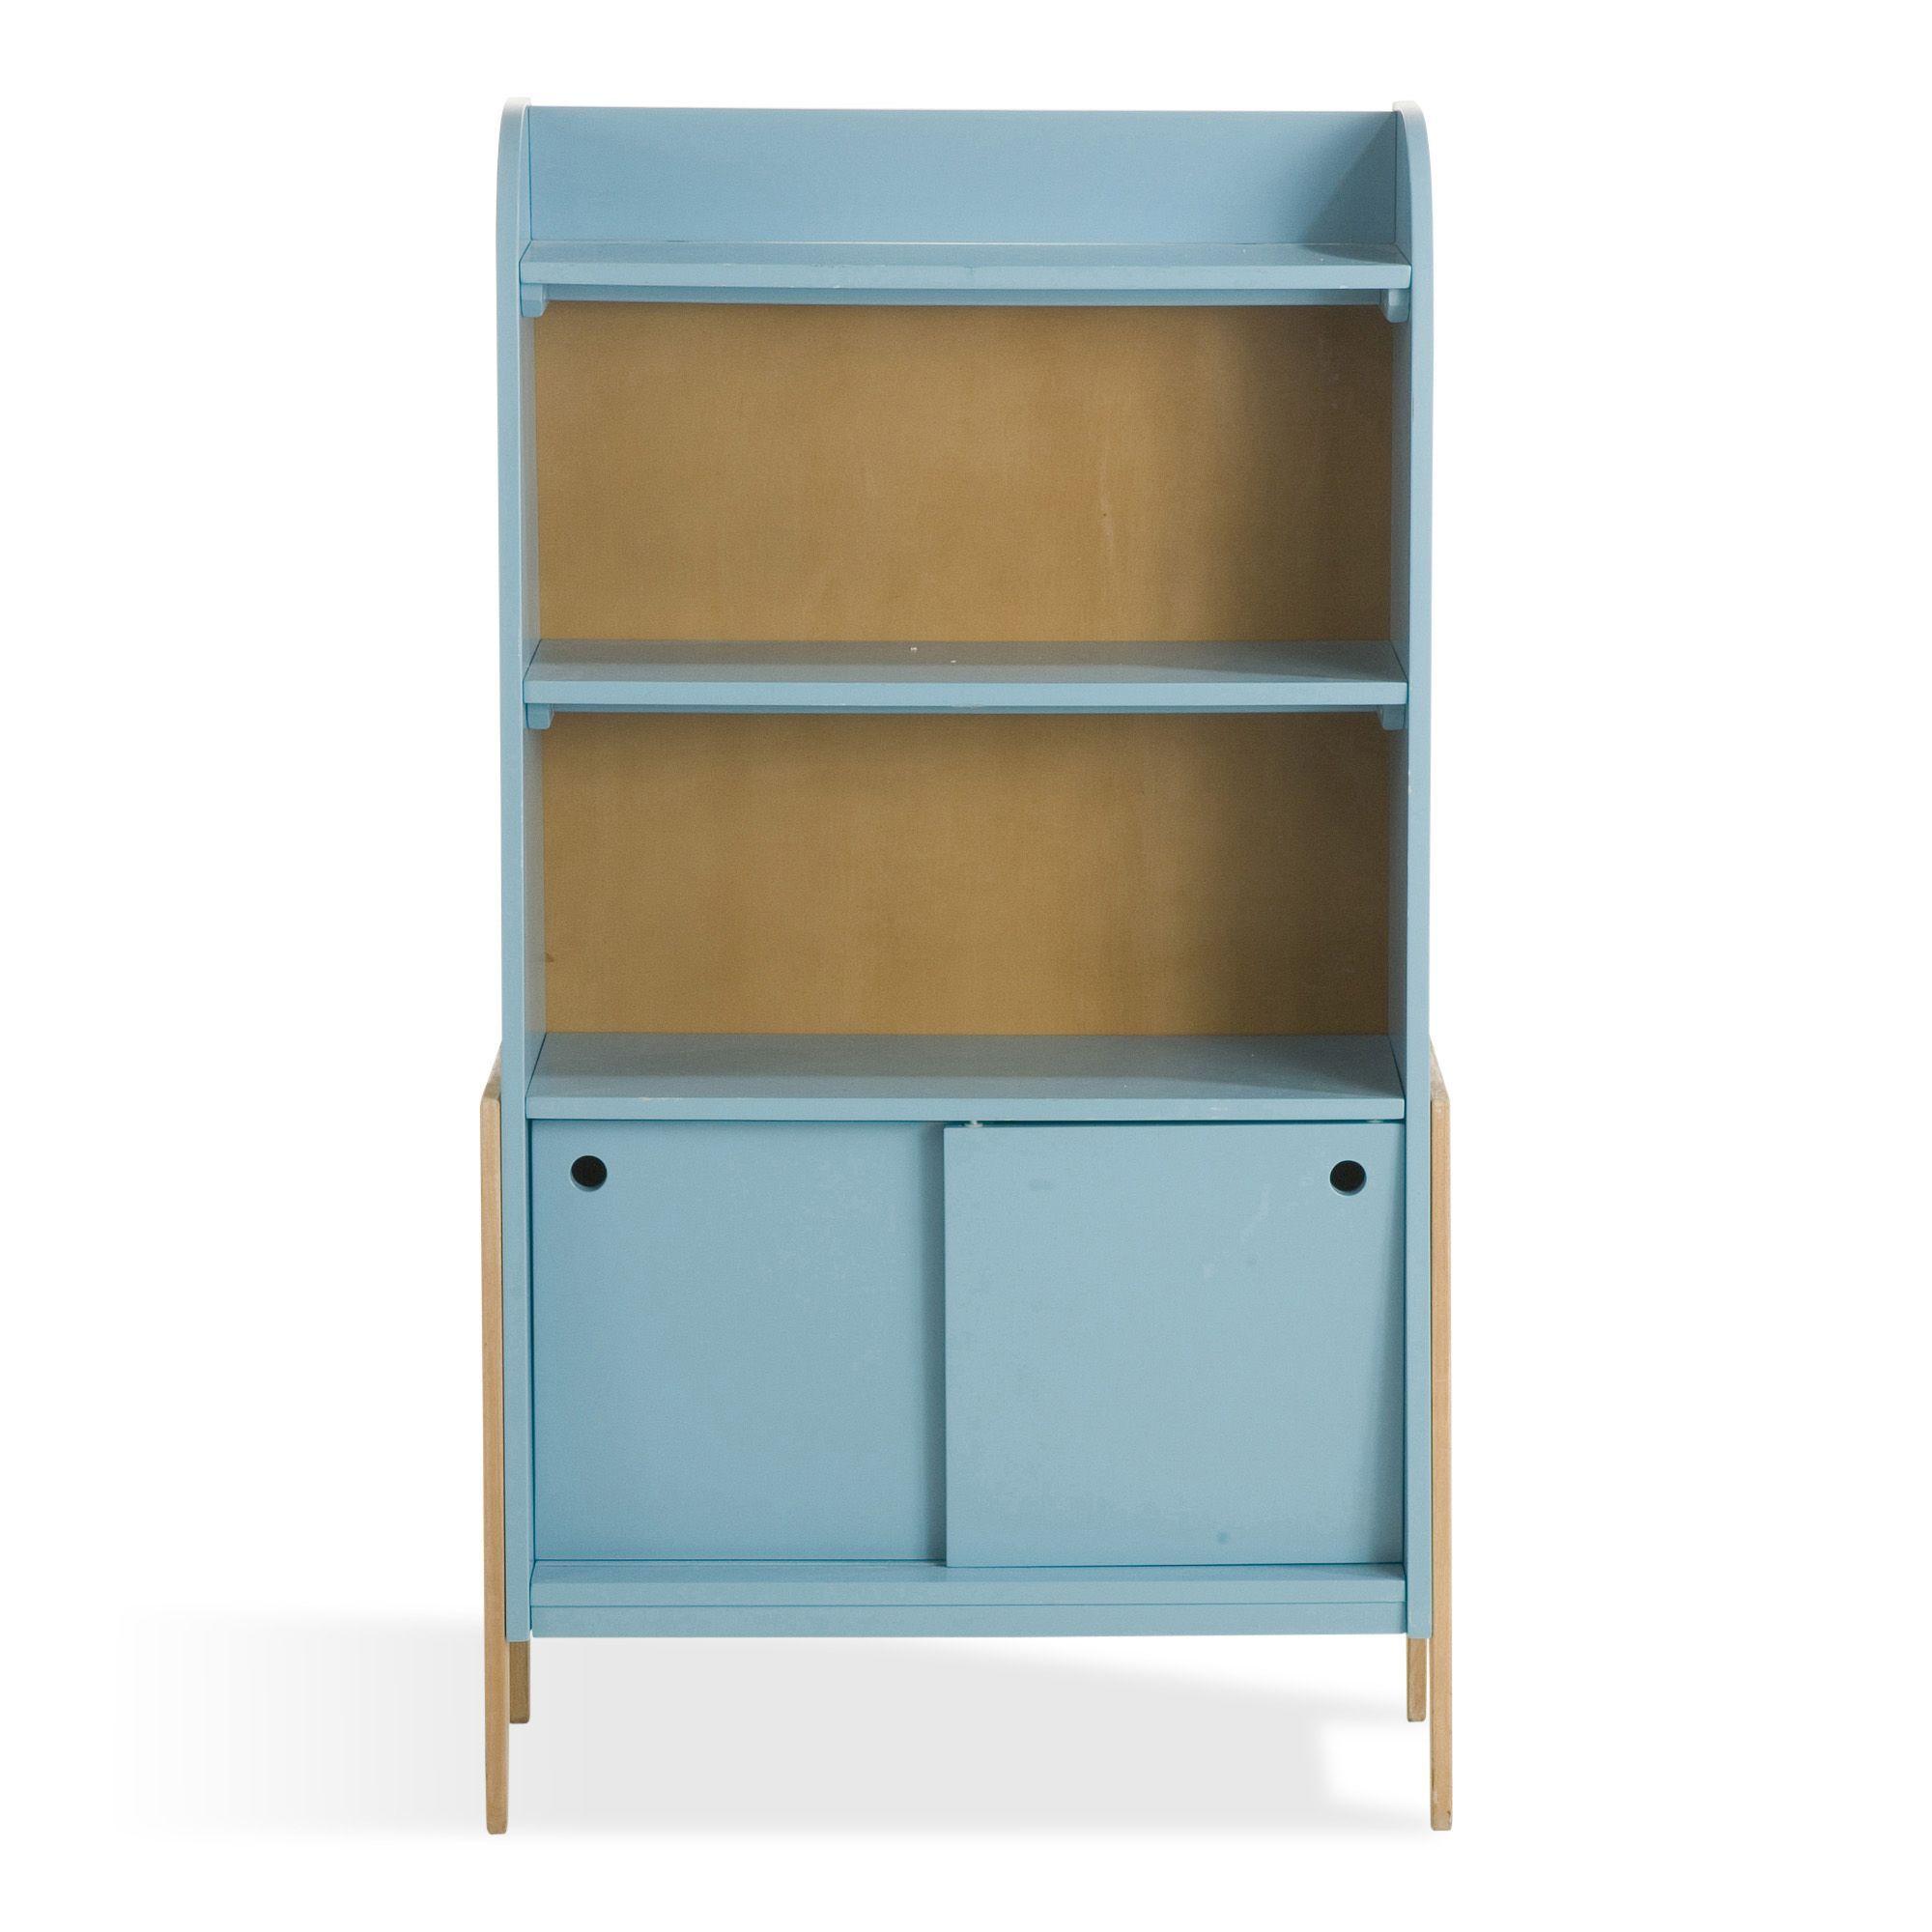 bibliotheque vintage bleue pour enfant vintage etageres de chambre d enfants meubles pour chambre enfant univers des enfants par piece decoration